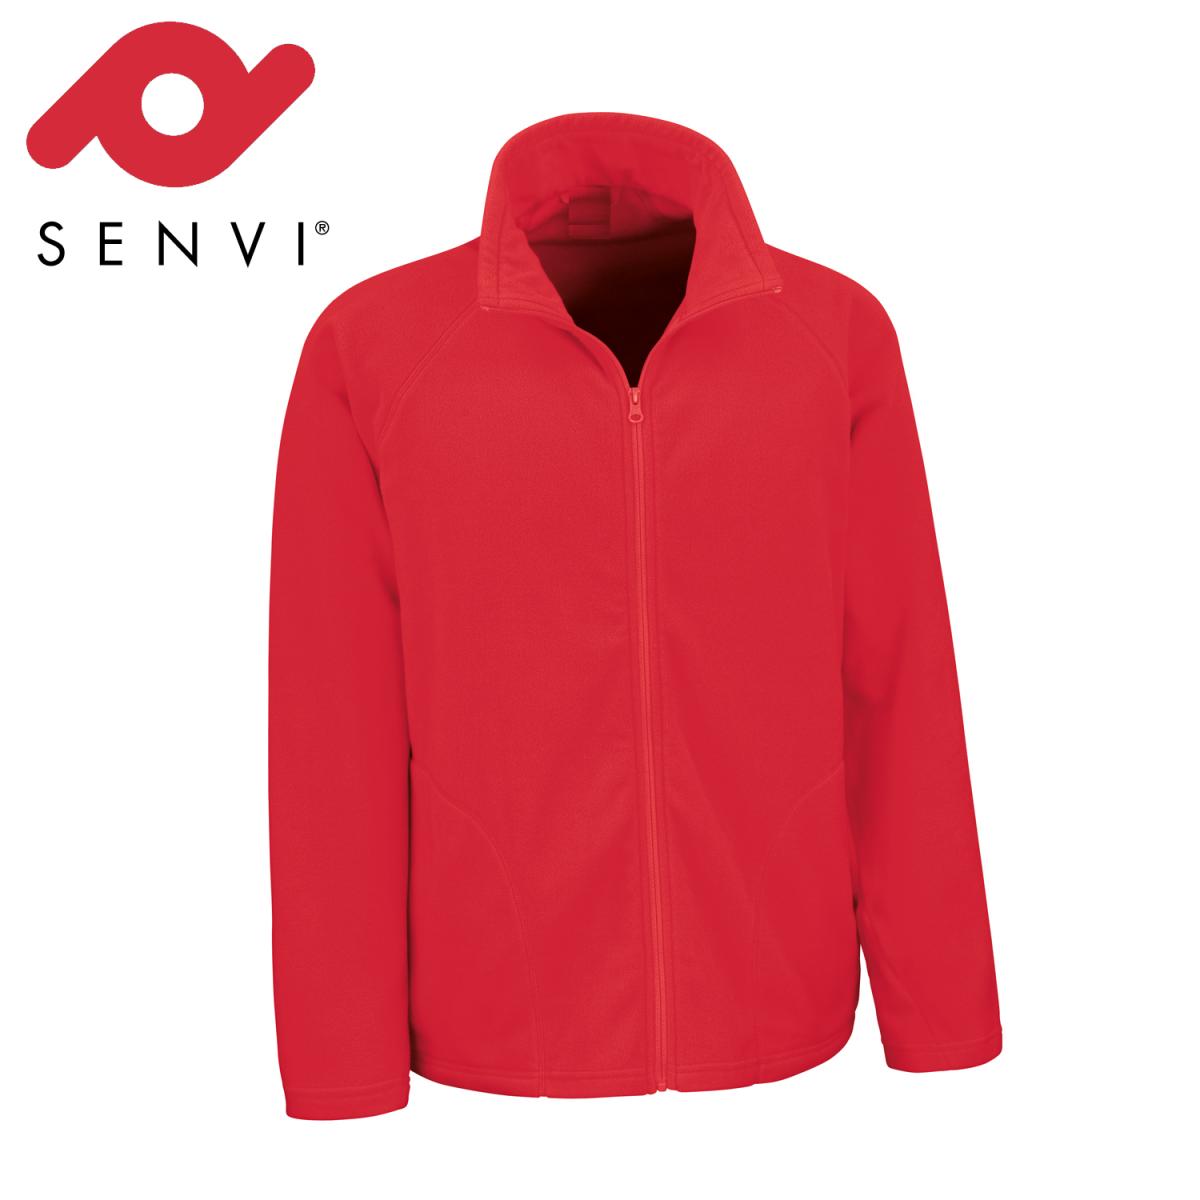 Senvi Basic Fleece Vest - Thermisch laag microfleece - Kleur Rood - Maat M